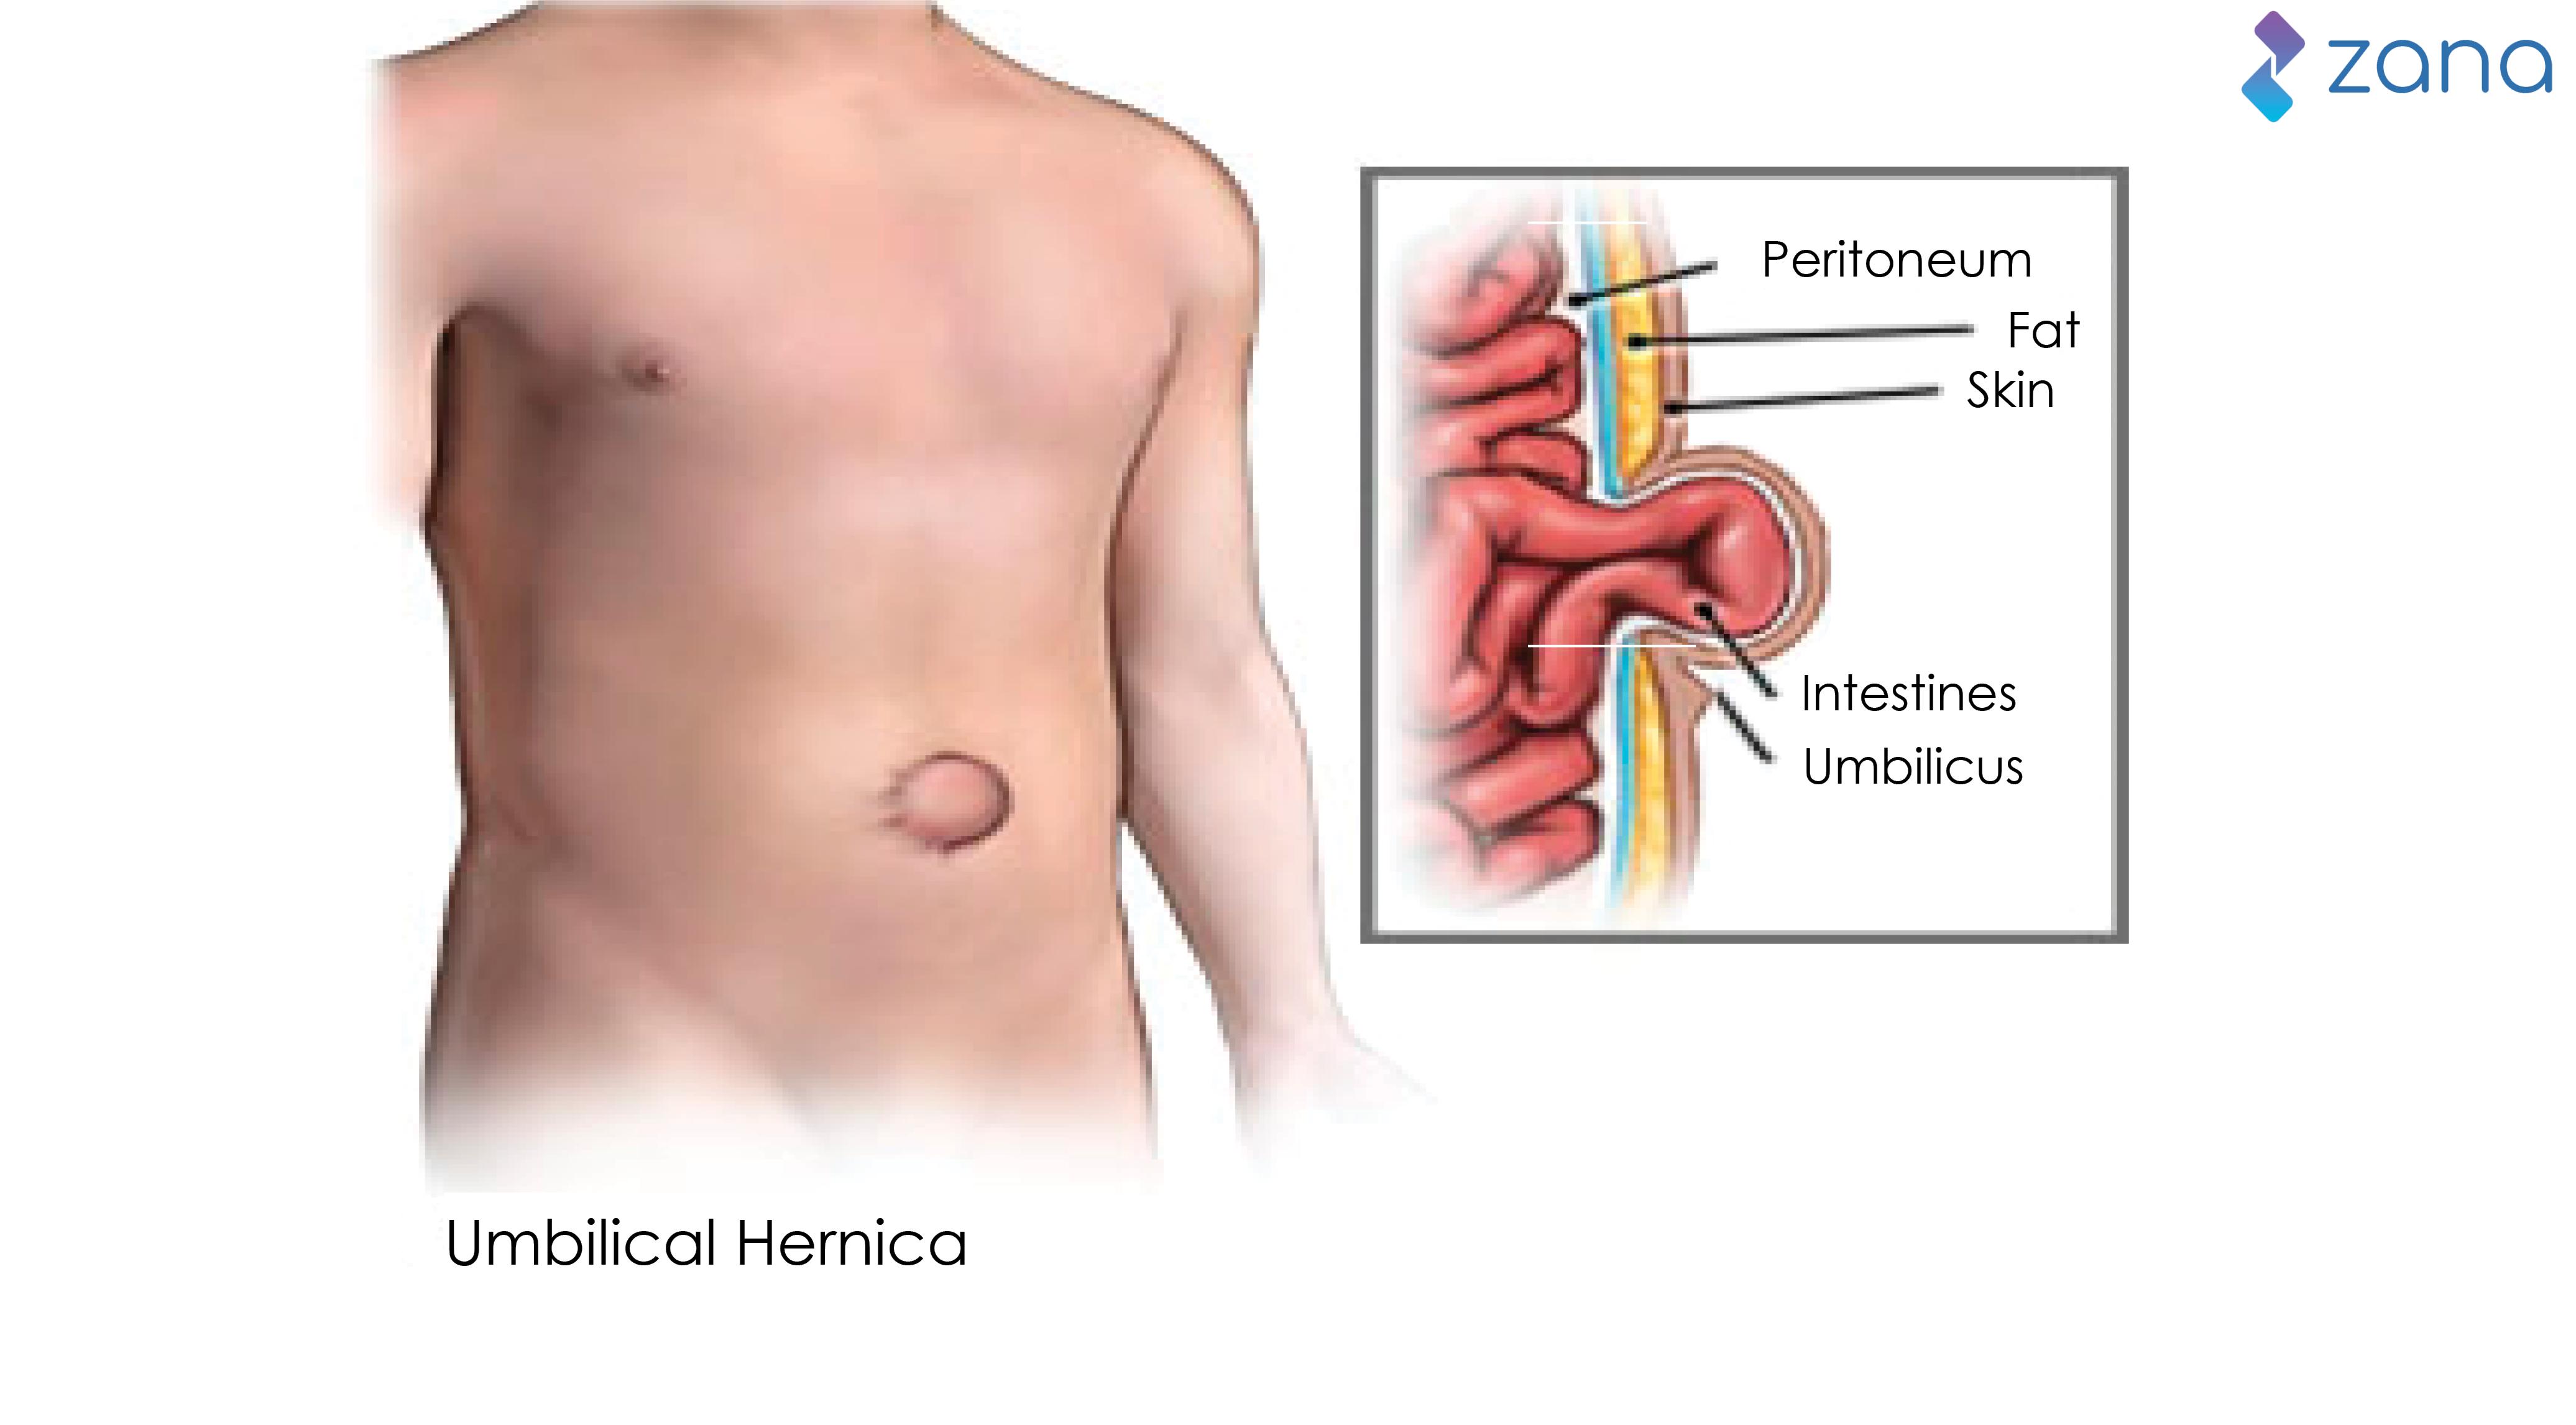 Umbilical Hernia Repair Introduction